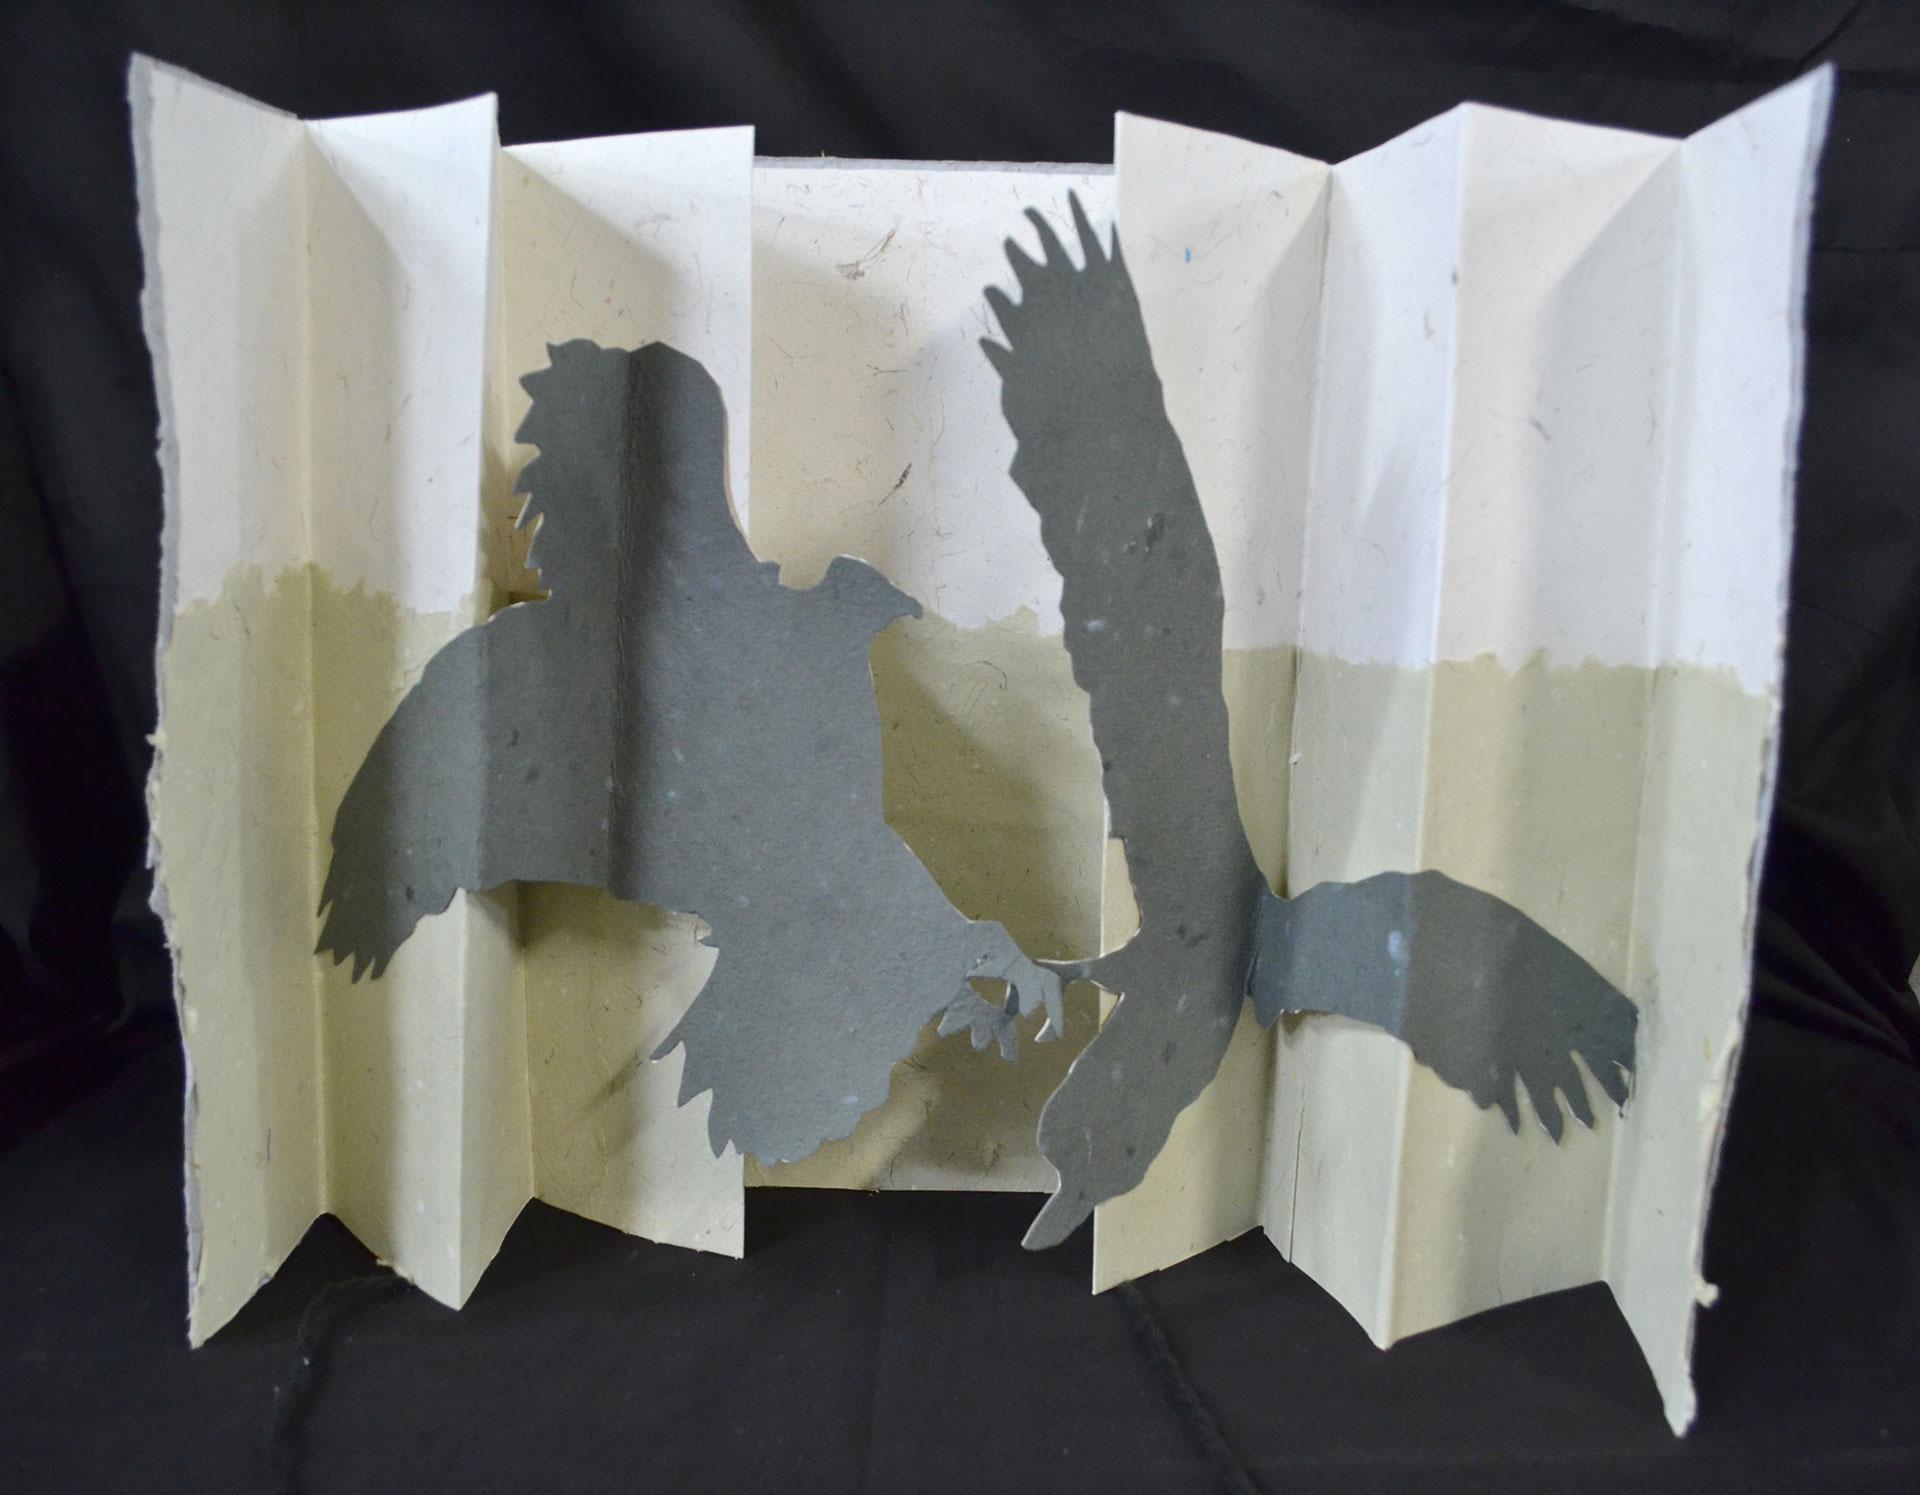 Katie Platte, Dalliance of Eagles, Cut Paper 2016